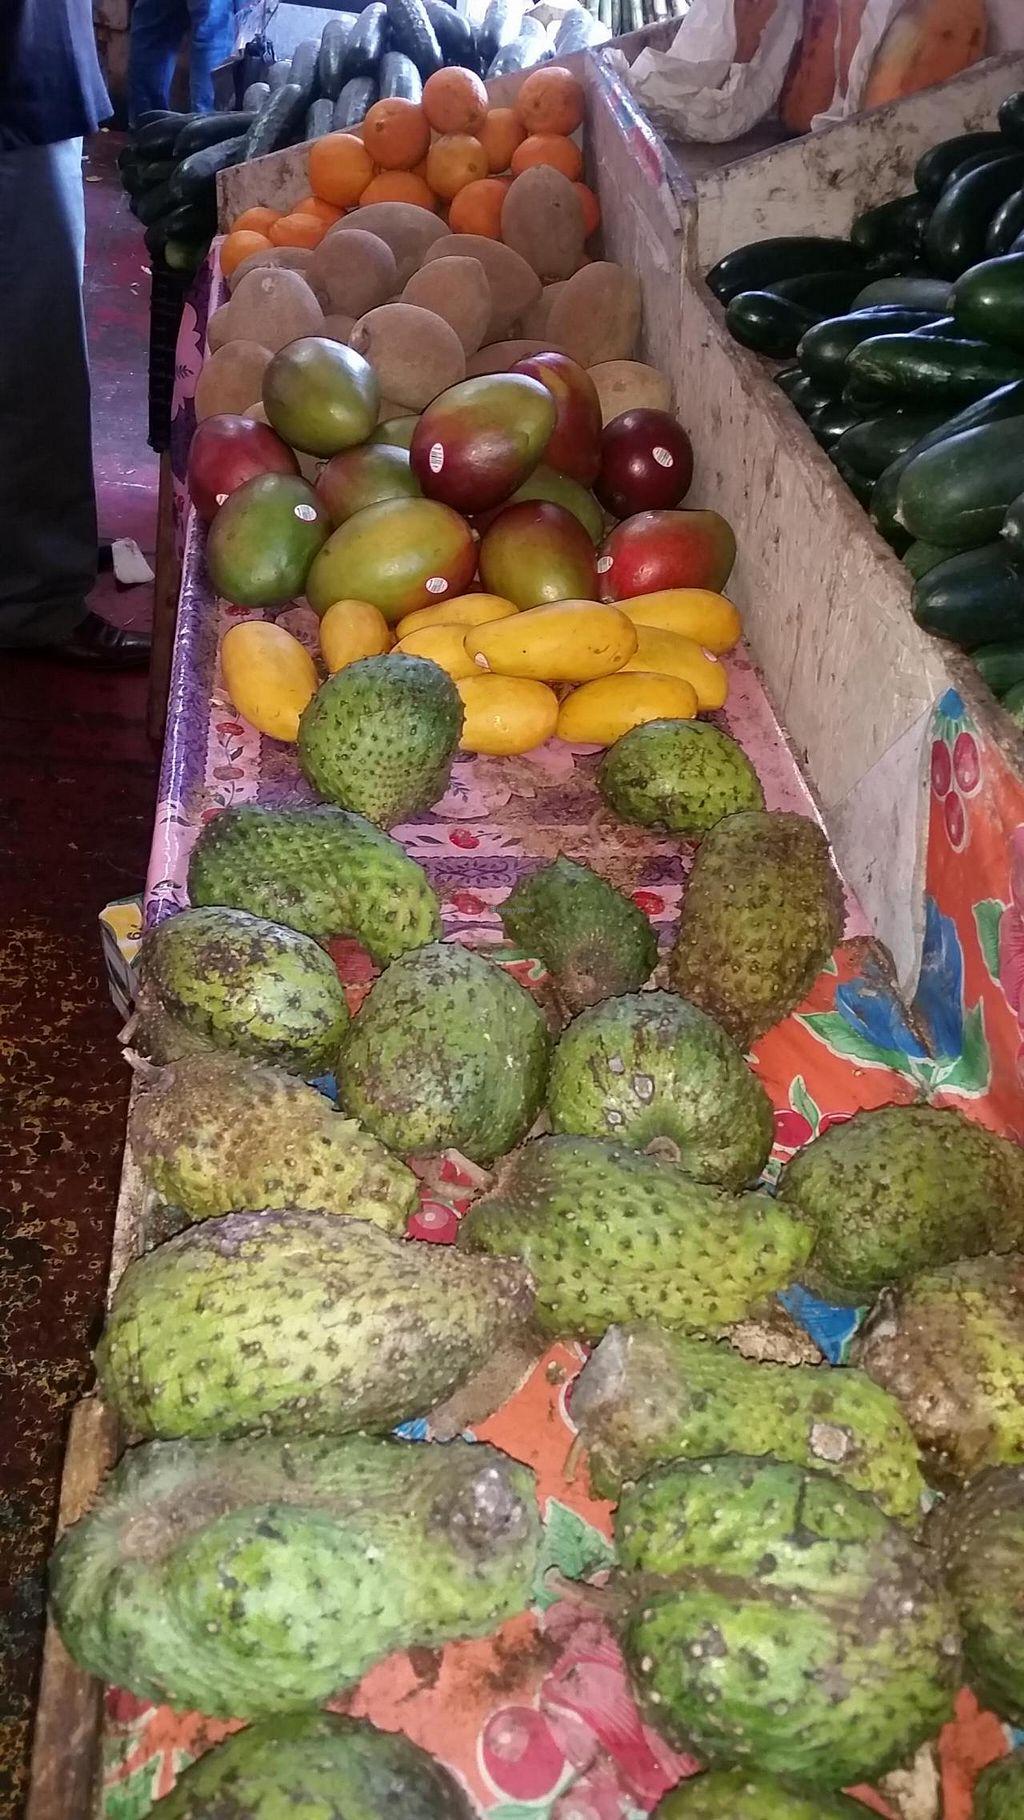 """Photo of Mercado Miguel Hidalgo  by <a href=""""/members/profile/kenvegan"""">kenvegan</a> <br/>more fruit <br/> December 16, 2014  - <a href='/contact/abuse/image/45650/88075'>Report</a>"""